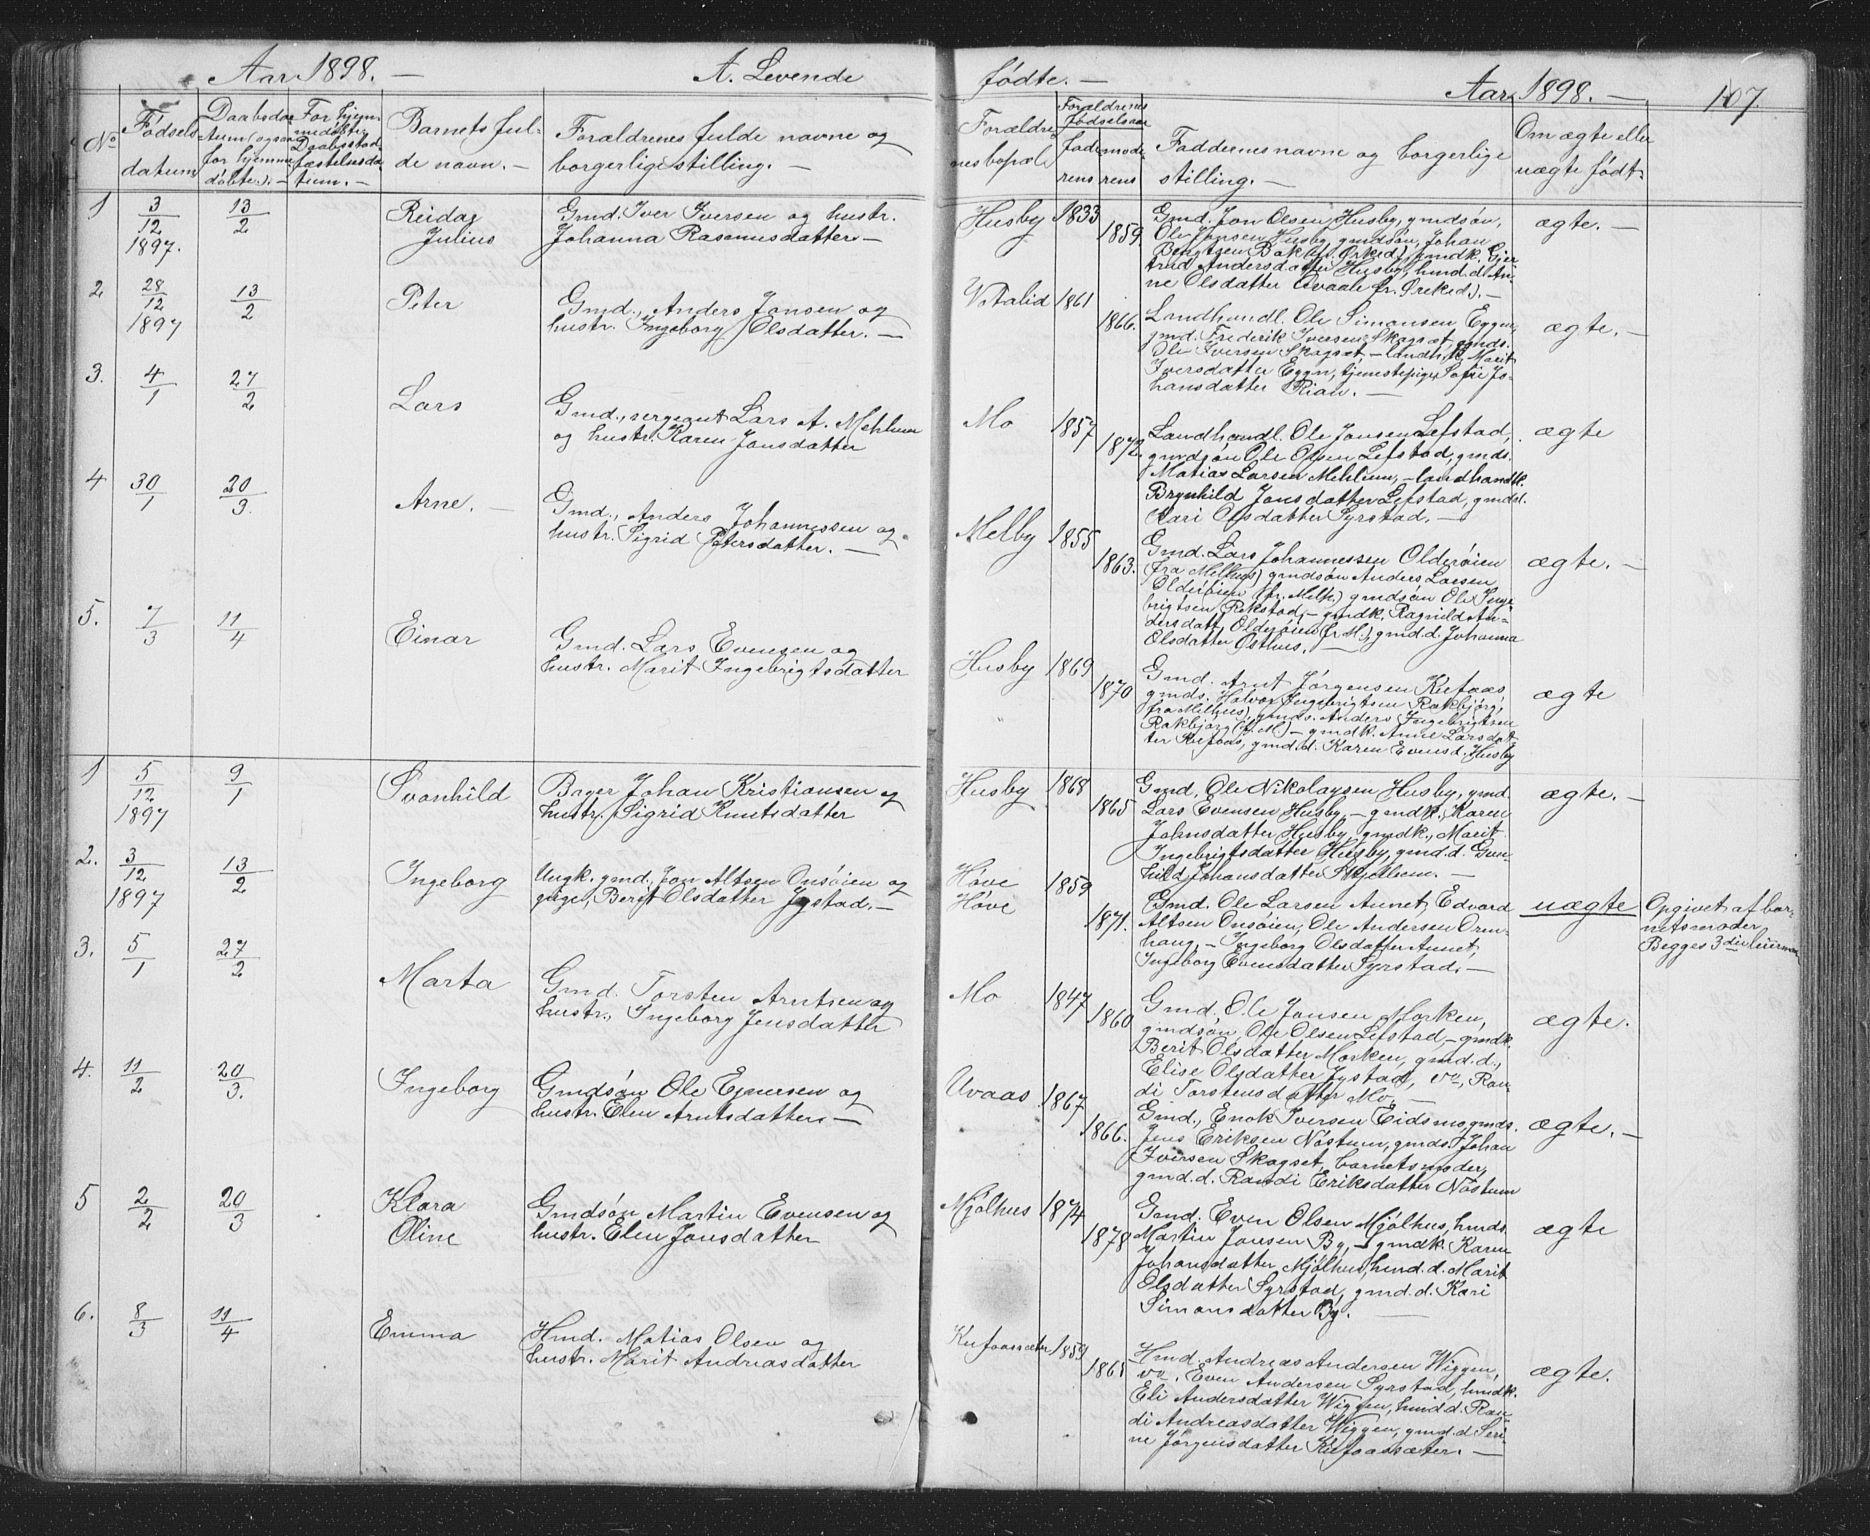 SAT, Ministerialprotokoller, klokkerbøker og fødselsregistre - Sør-Trøndelag, 667/L0798: Klokkerbok nr. 667C03, 1867-1929, s. 107